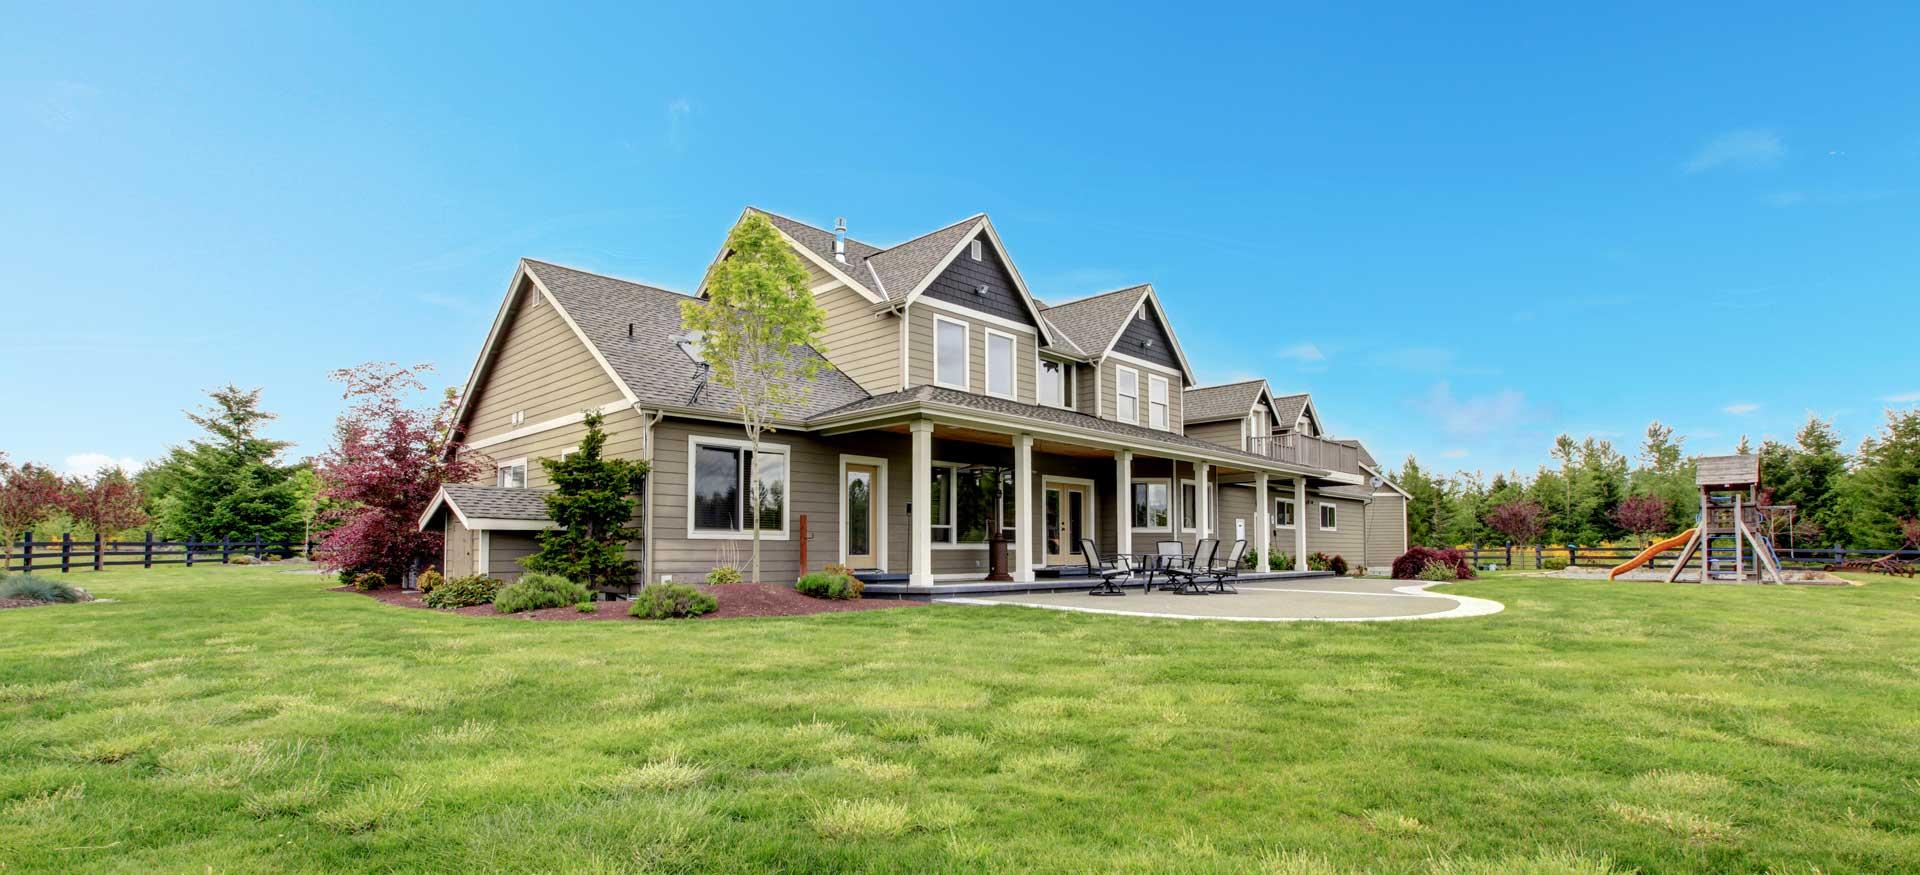 Kahlen Real Estate - Sellers